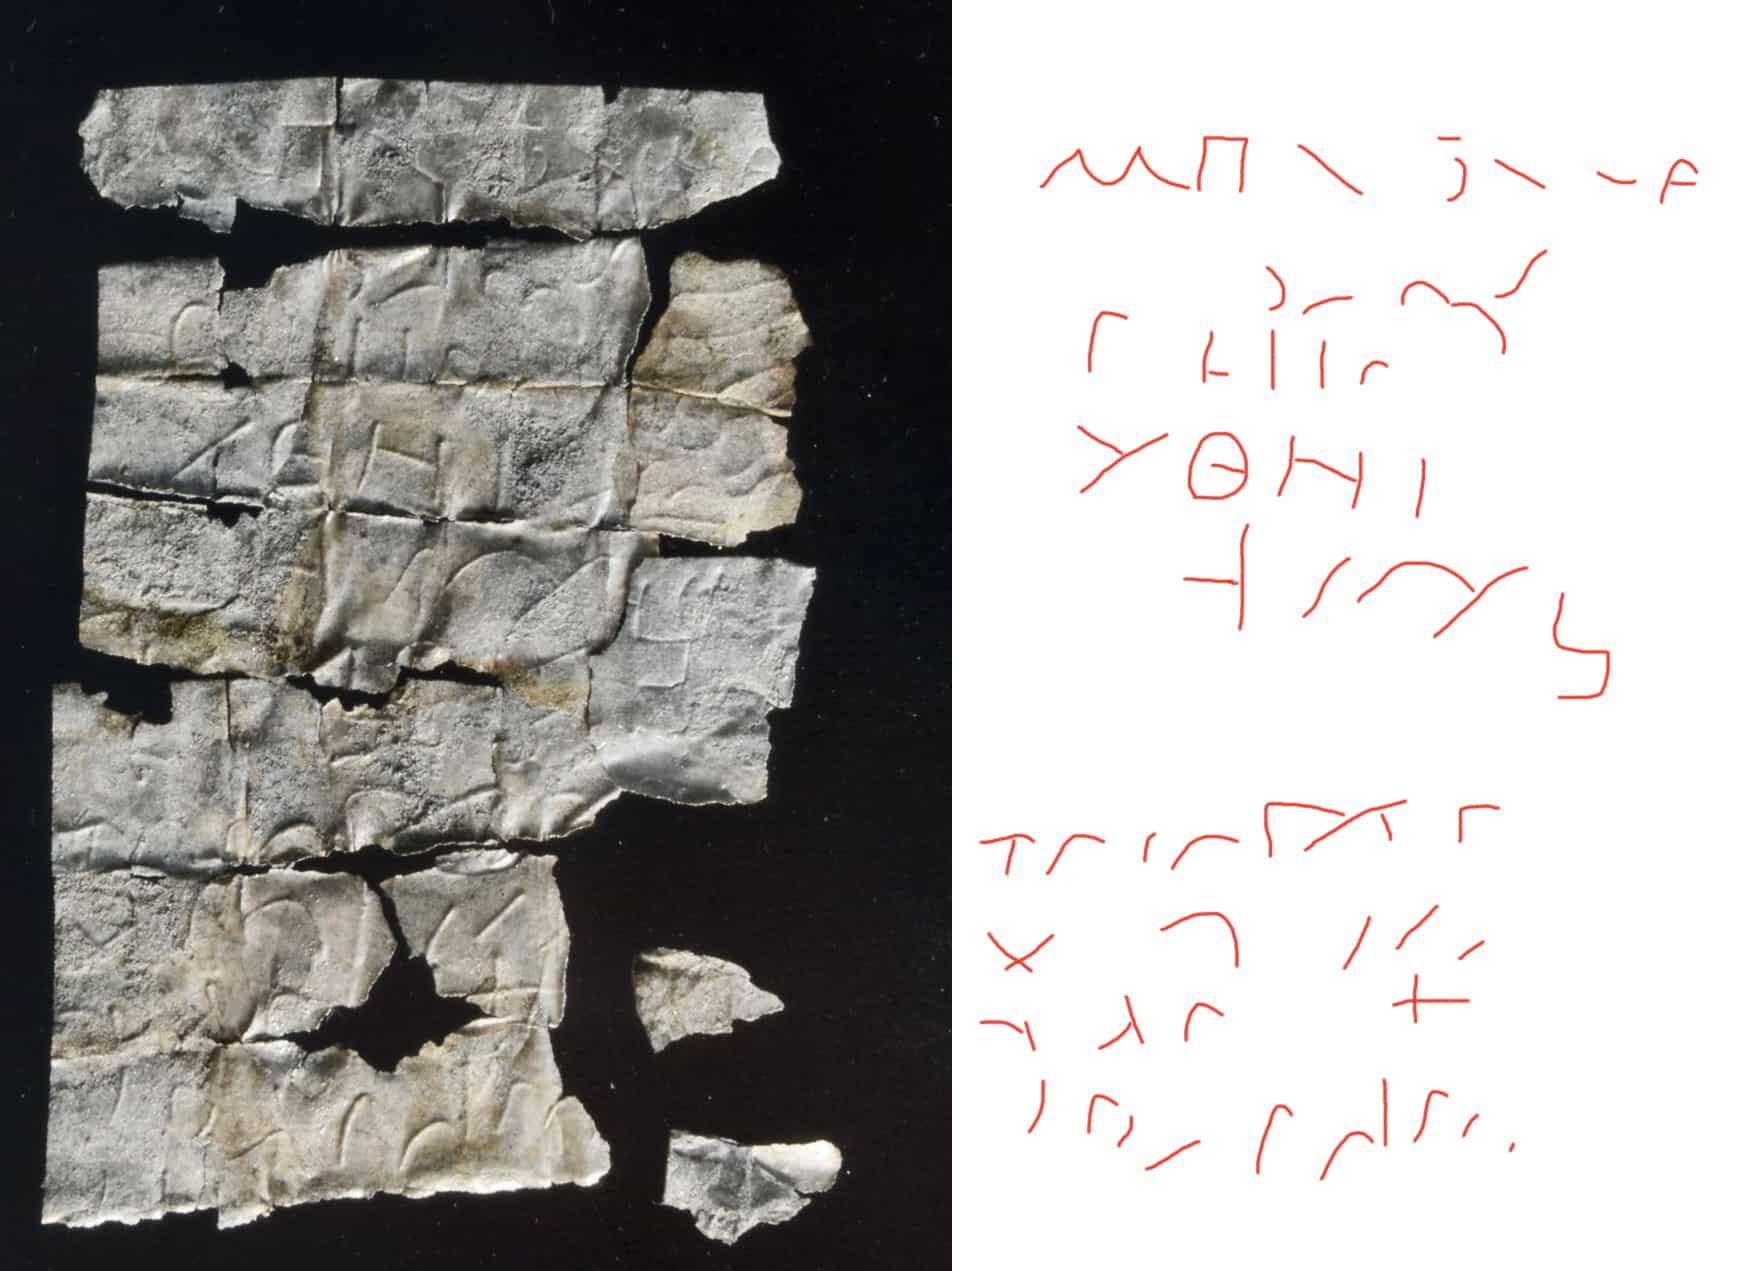 Hallan en 'Viminacium' (Serbia) una inscripción que podría ser la primera referencia a 'Cristo' 1